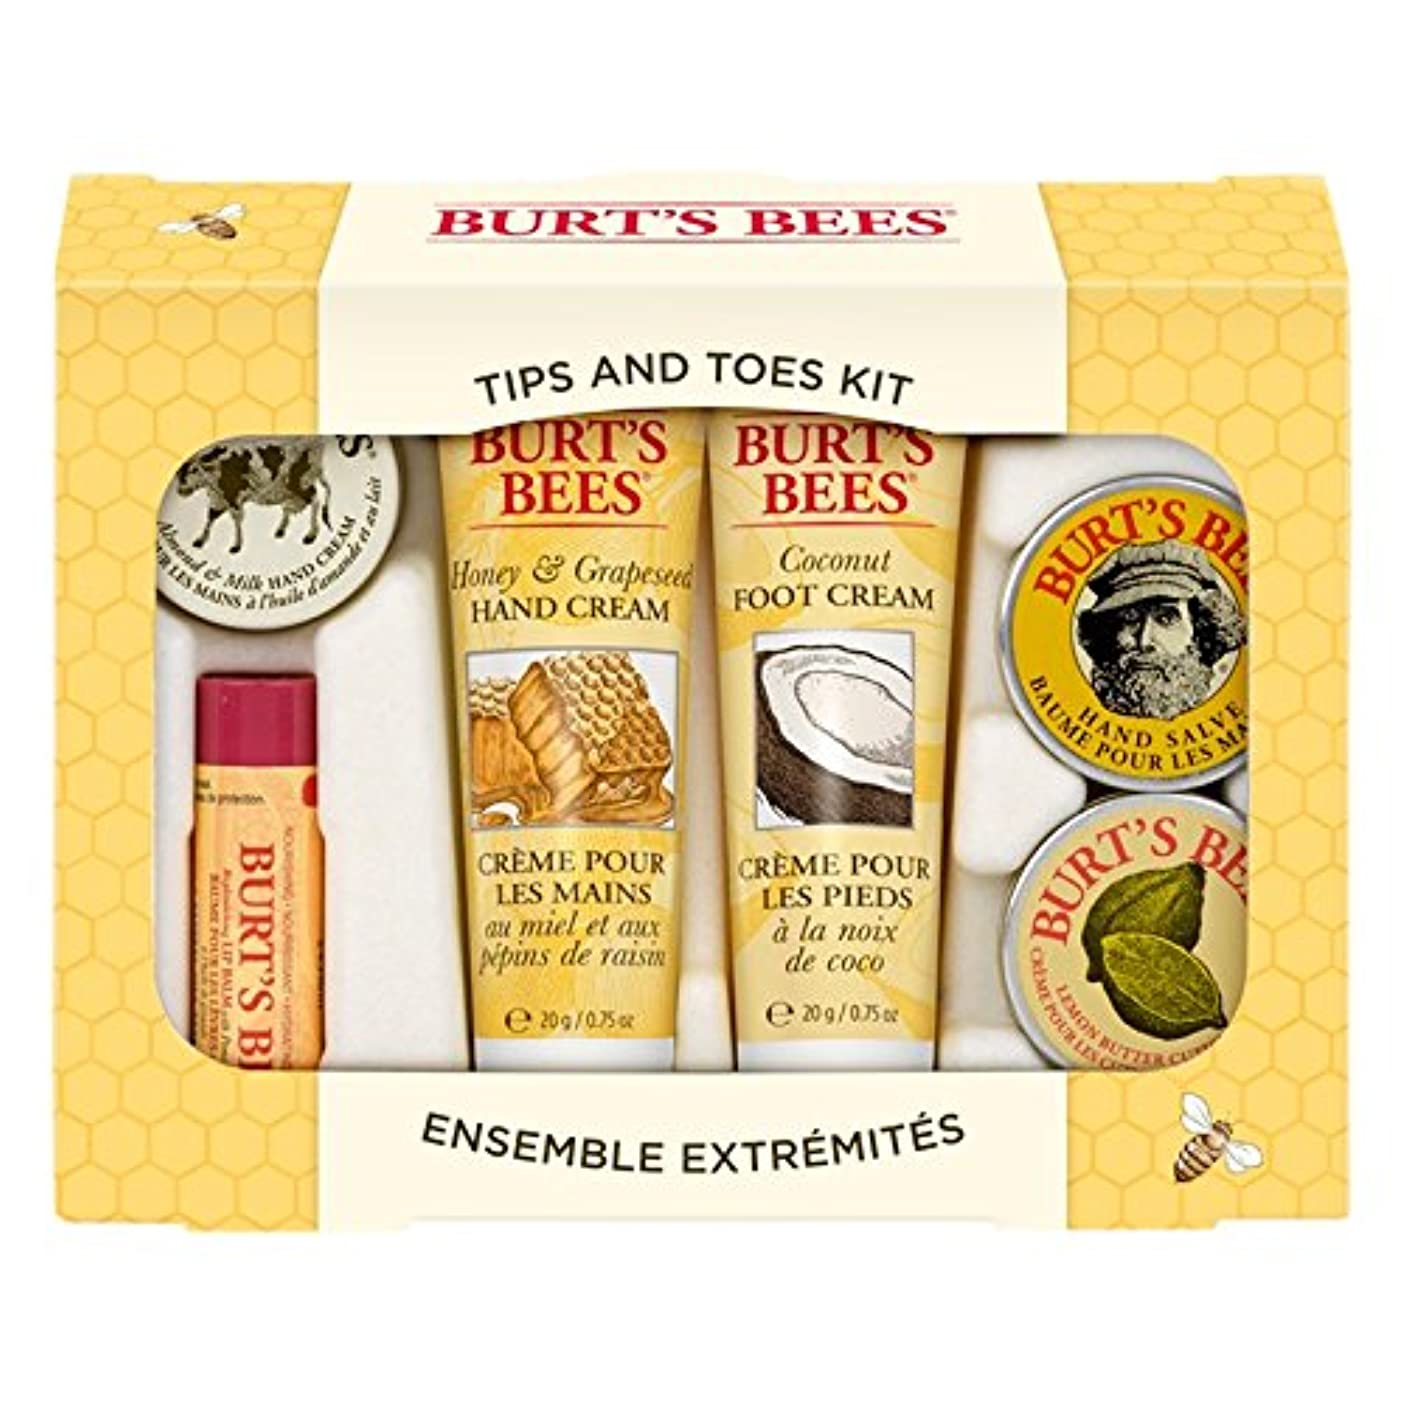 私たち満員ポゴスティックジャンプバーツビーのヒントとつま先はスターターキットをスキンケア (Burt's Bees) (x6) - Burt's Bees Tips And Toes Skincare Starter Kit (Pack of 6) [...